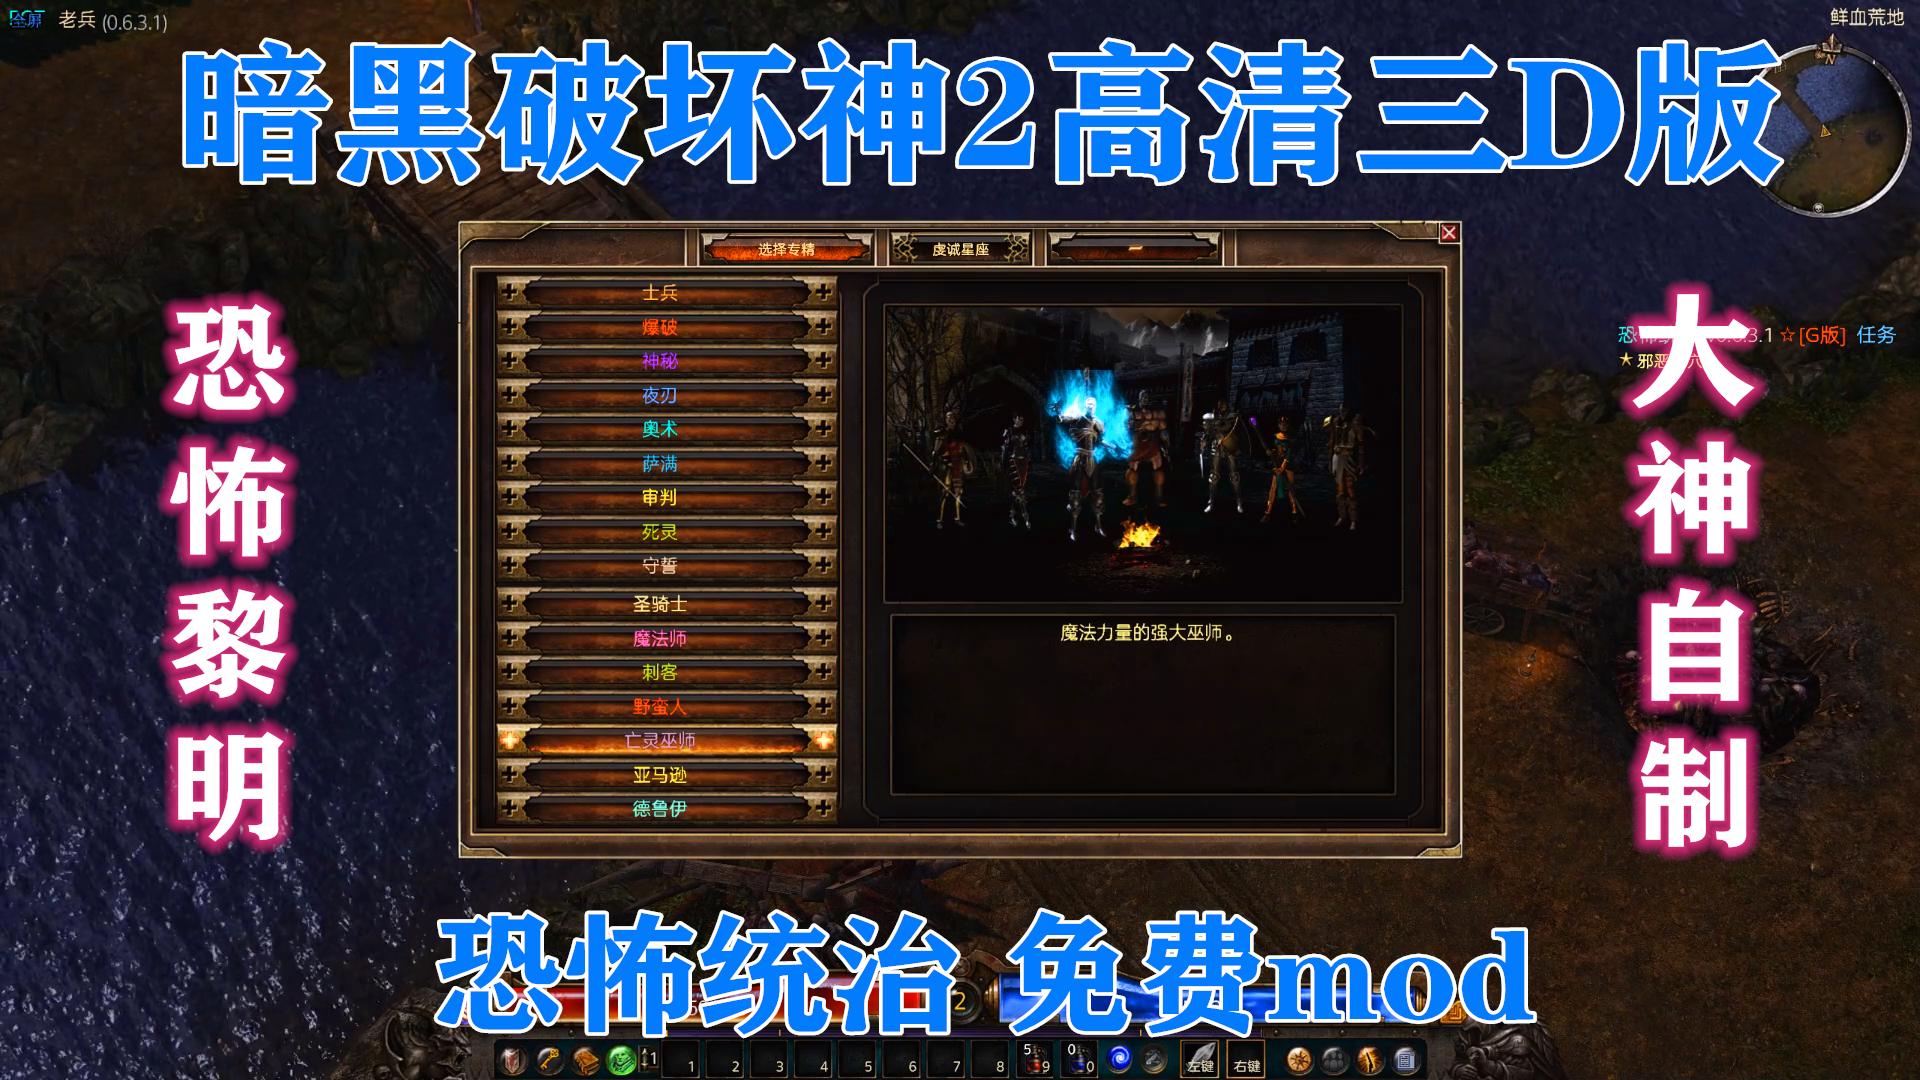 恐怖黎明:爷的青春又回来了,恐怖统治mod,暗黑破坏神2高清三D版!